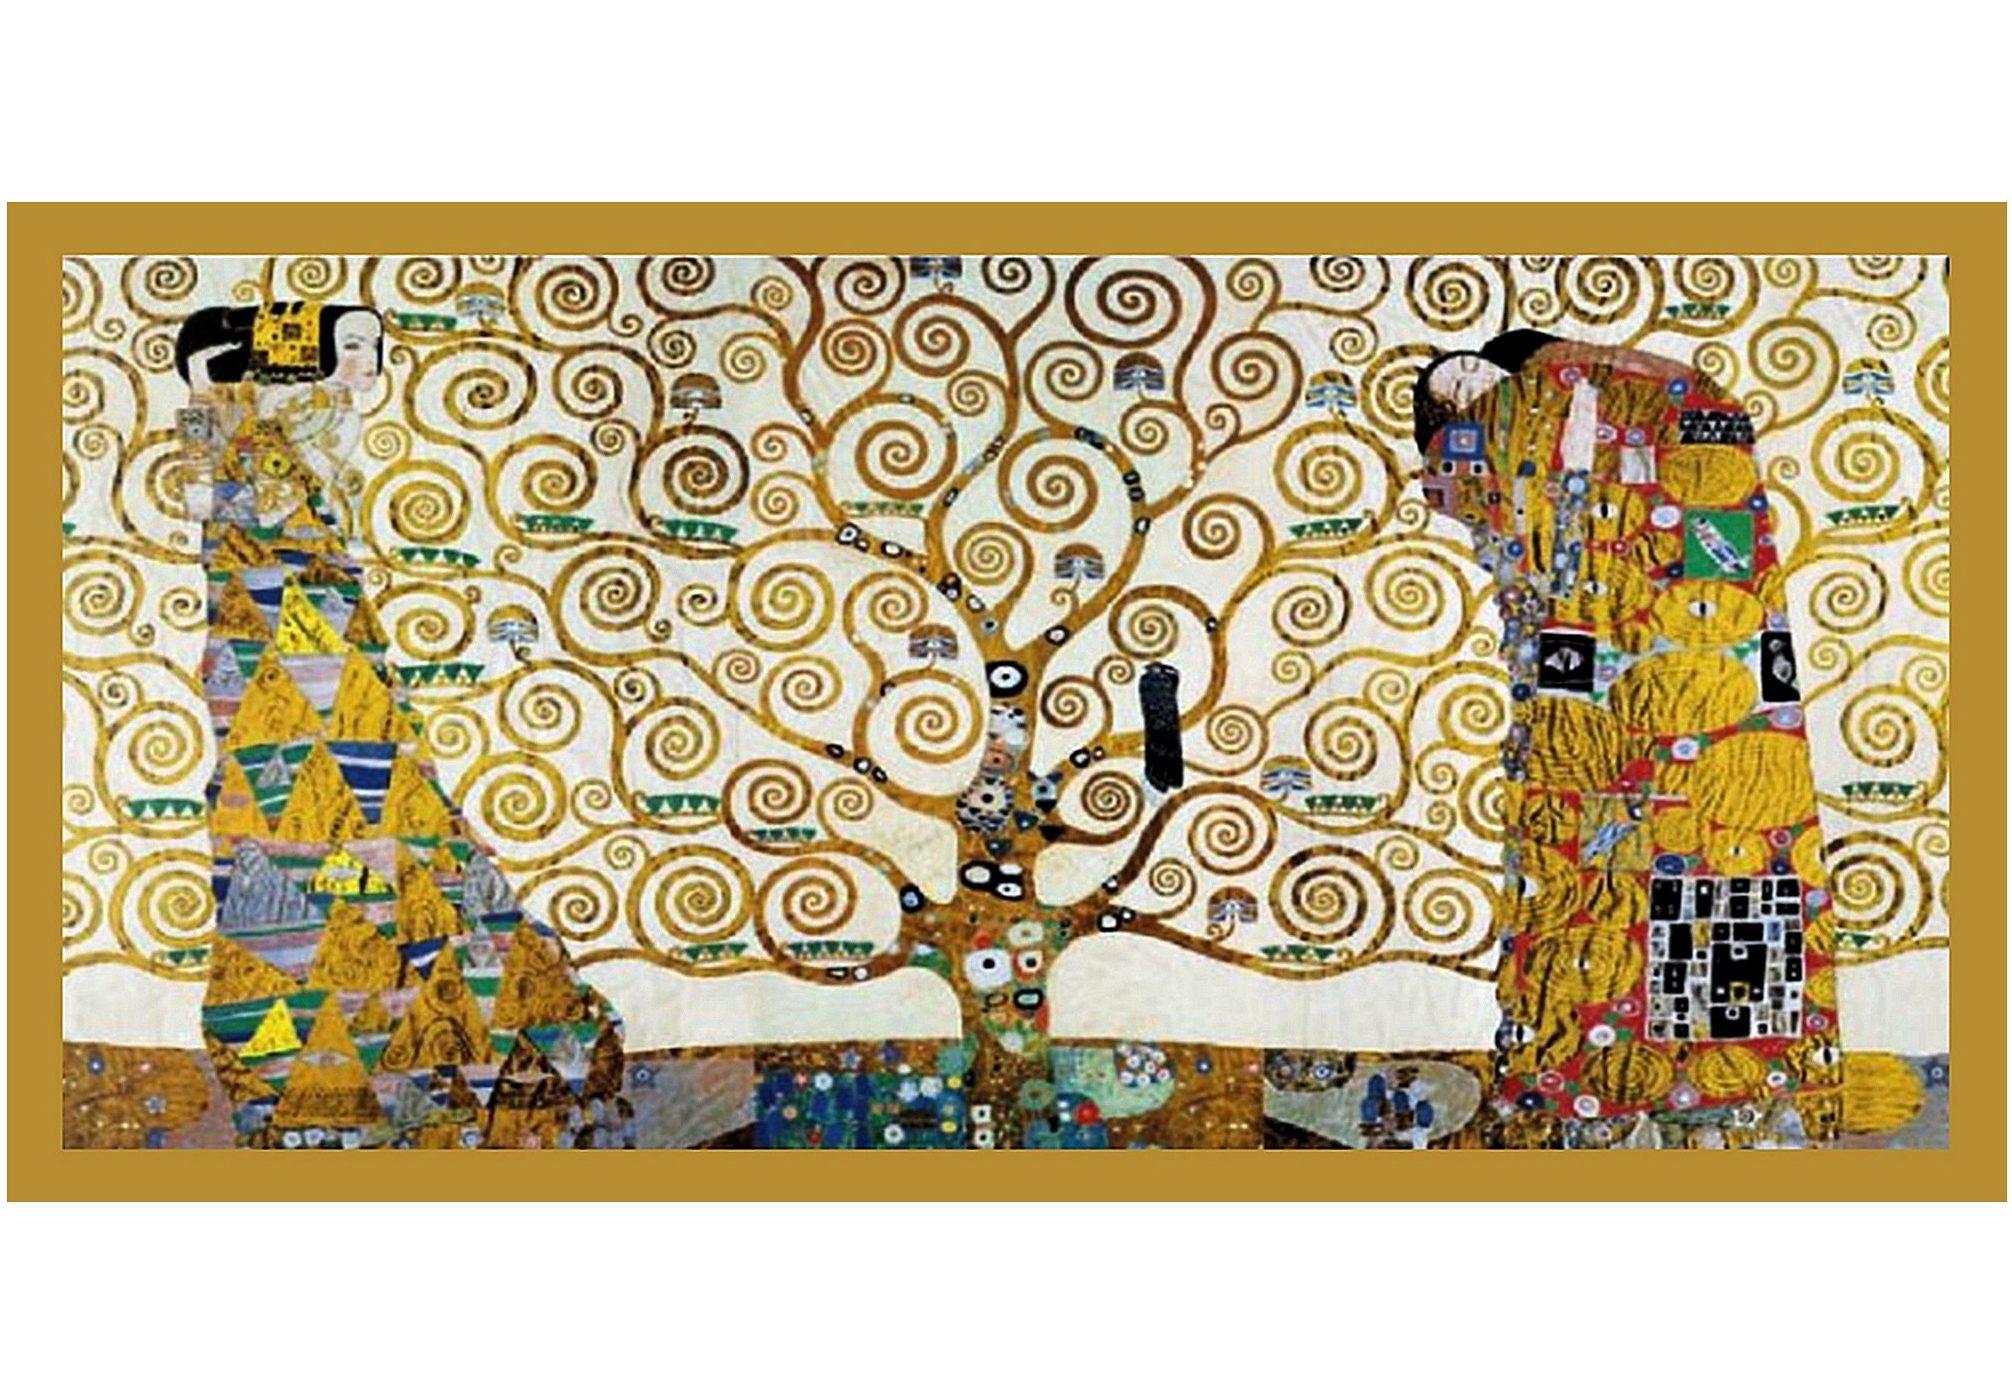 Home affaire Wandbild, Größe 106x56 cm, »KLIMT - Der Lebensbaum«